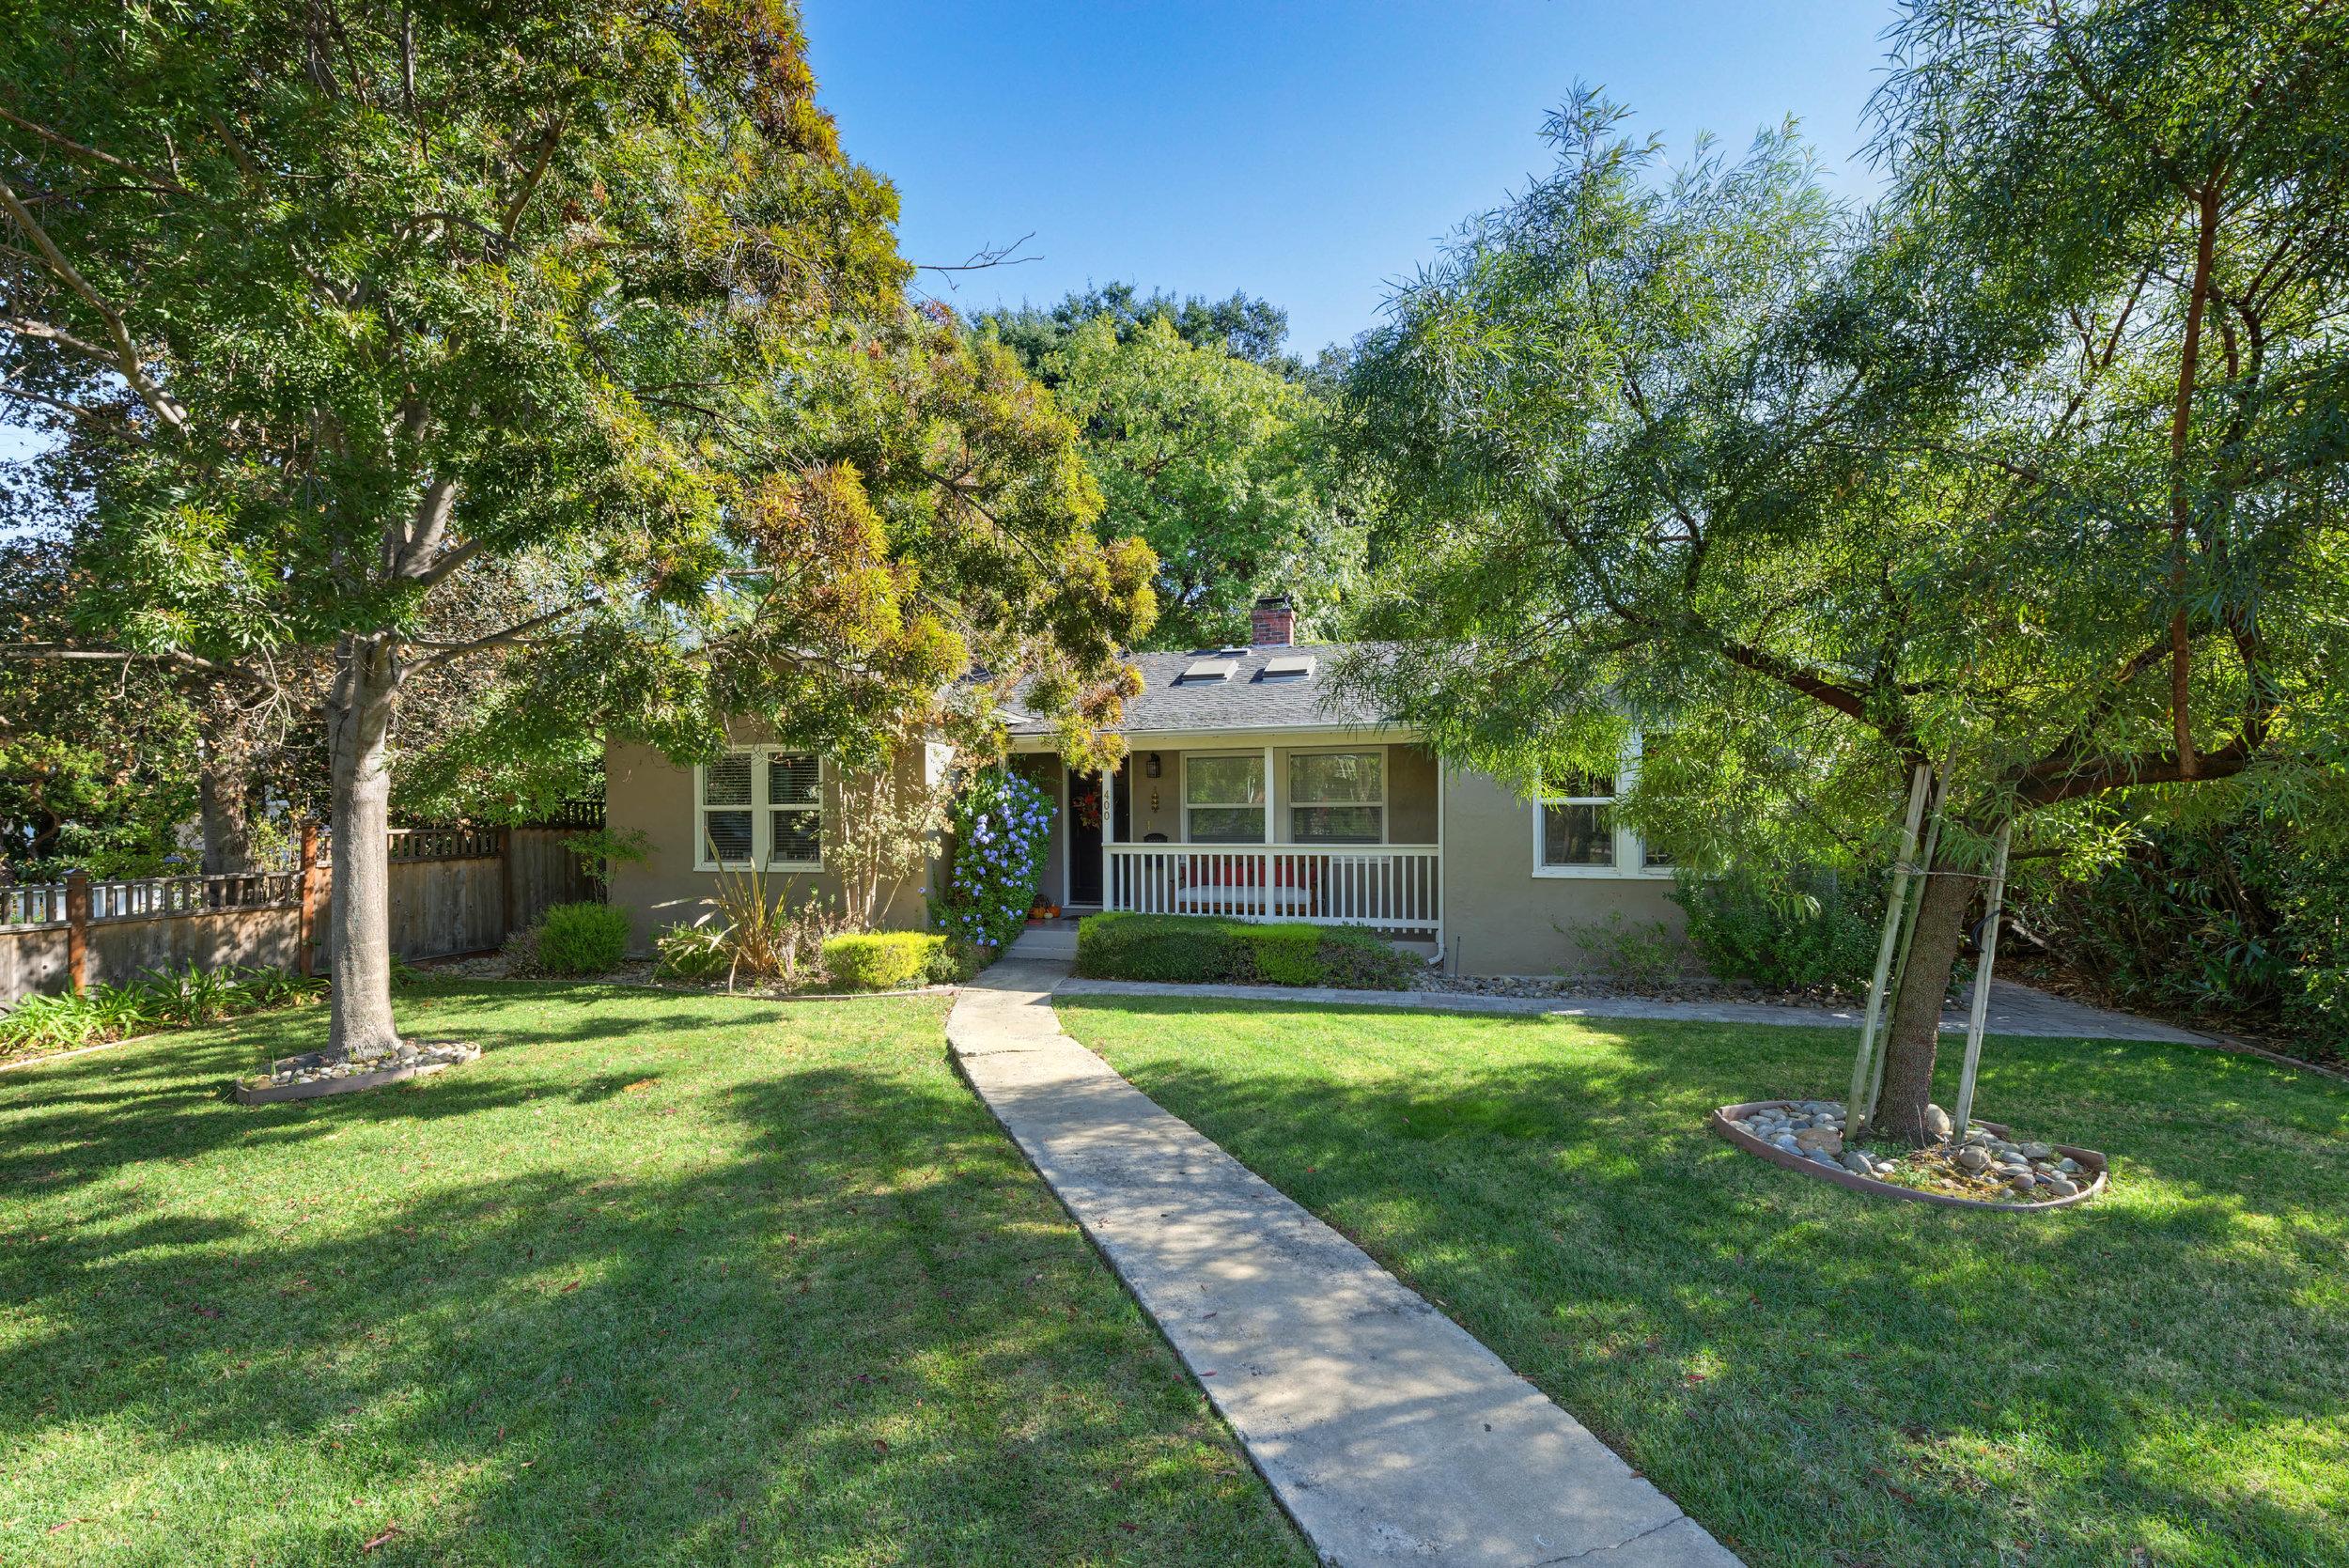 400 Los Gatos Blvd, Los Gatos  3 bedrooms • 2.5 bathrooms • 1,388 sqft